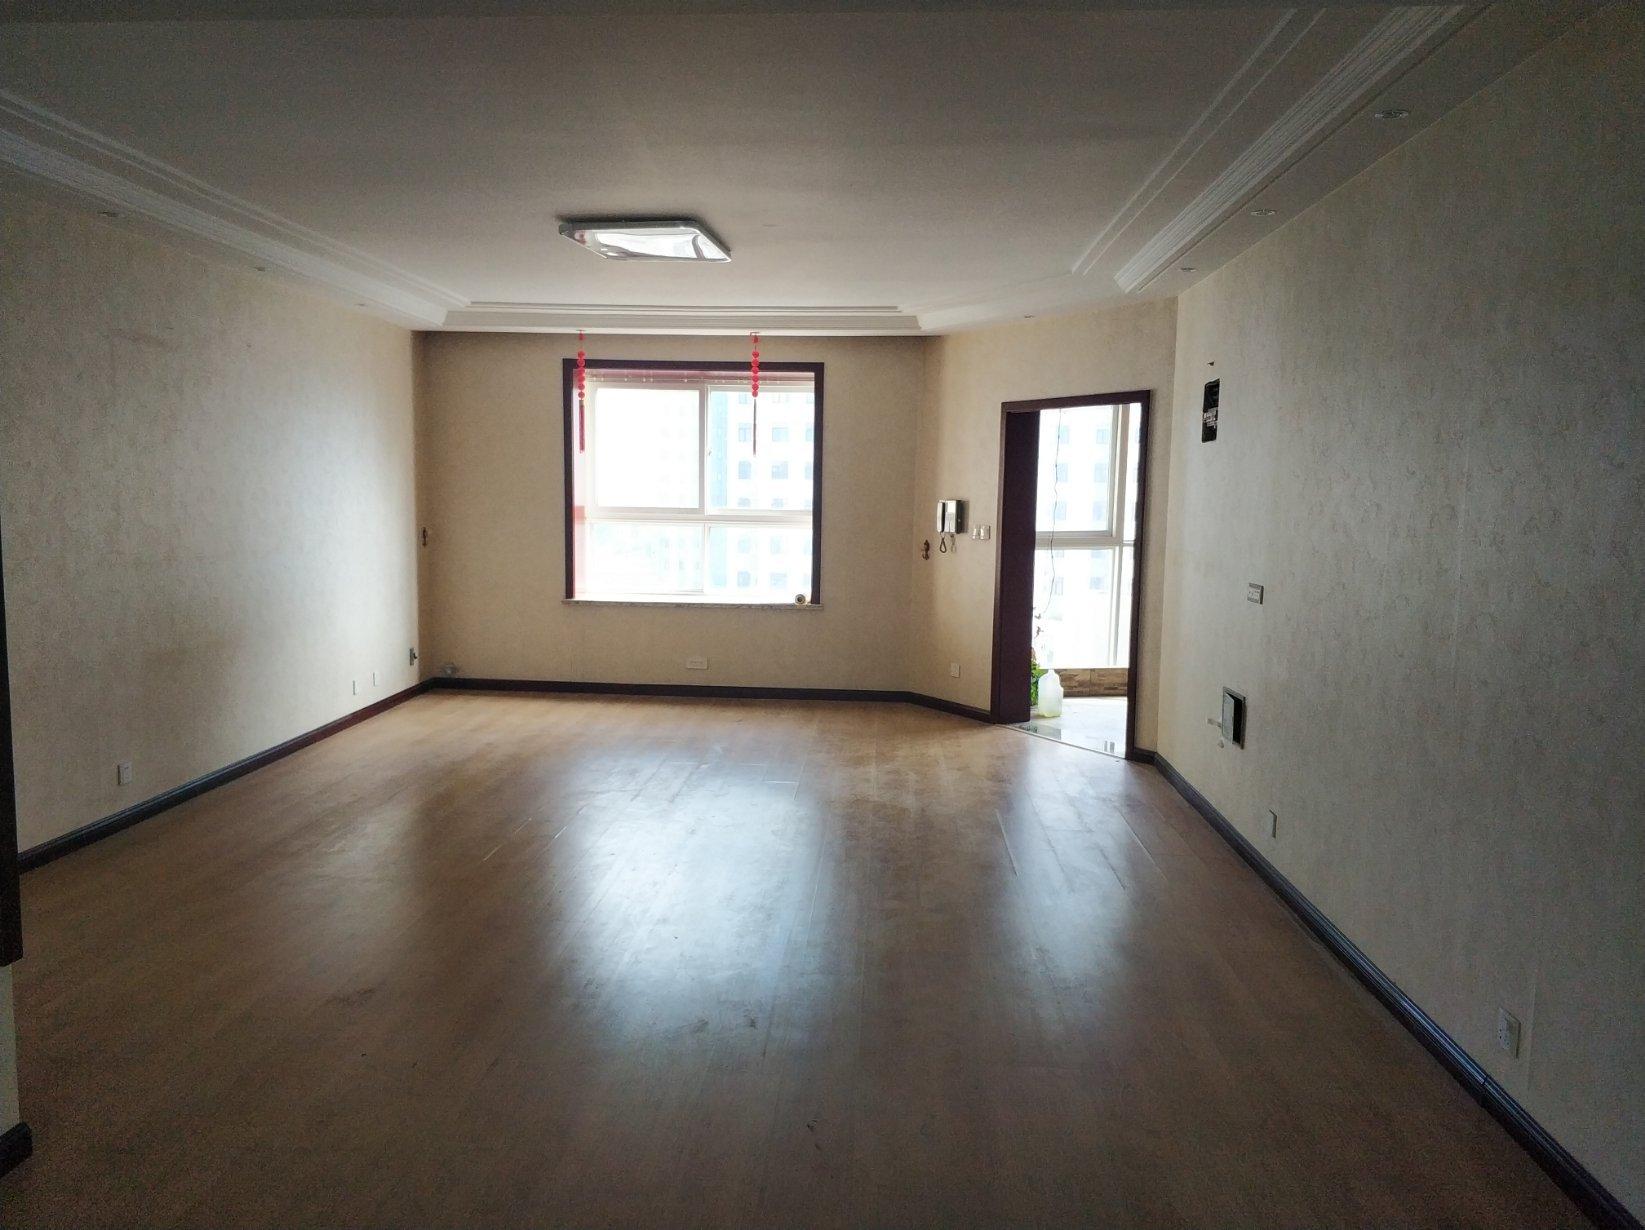 明德新一中 东方家园 精装3室 153平155万带入户花园